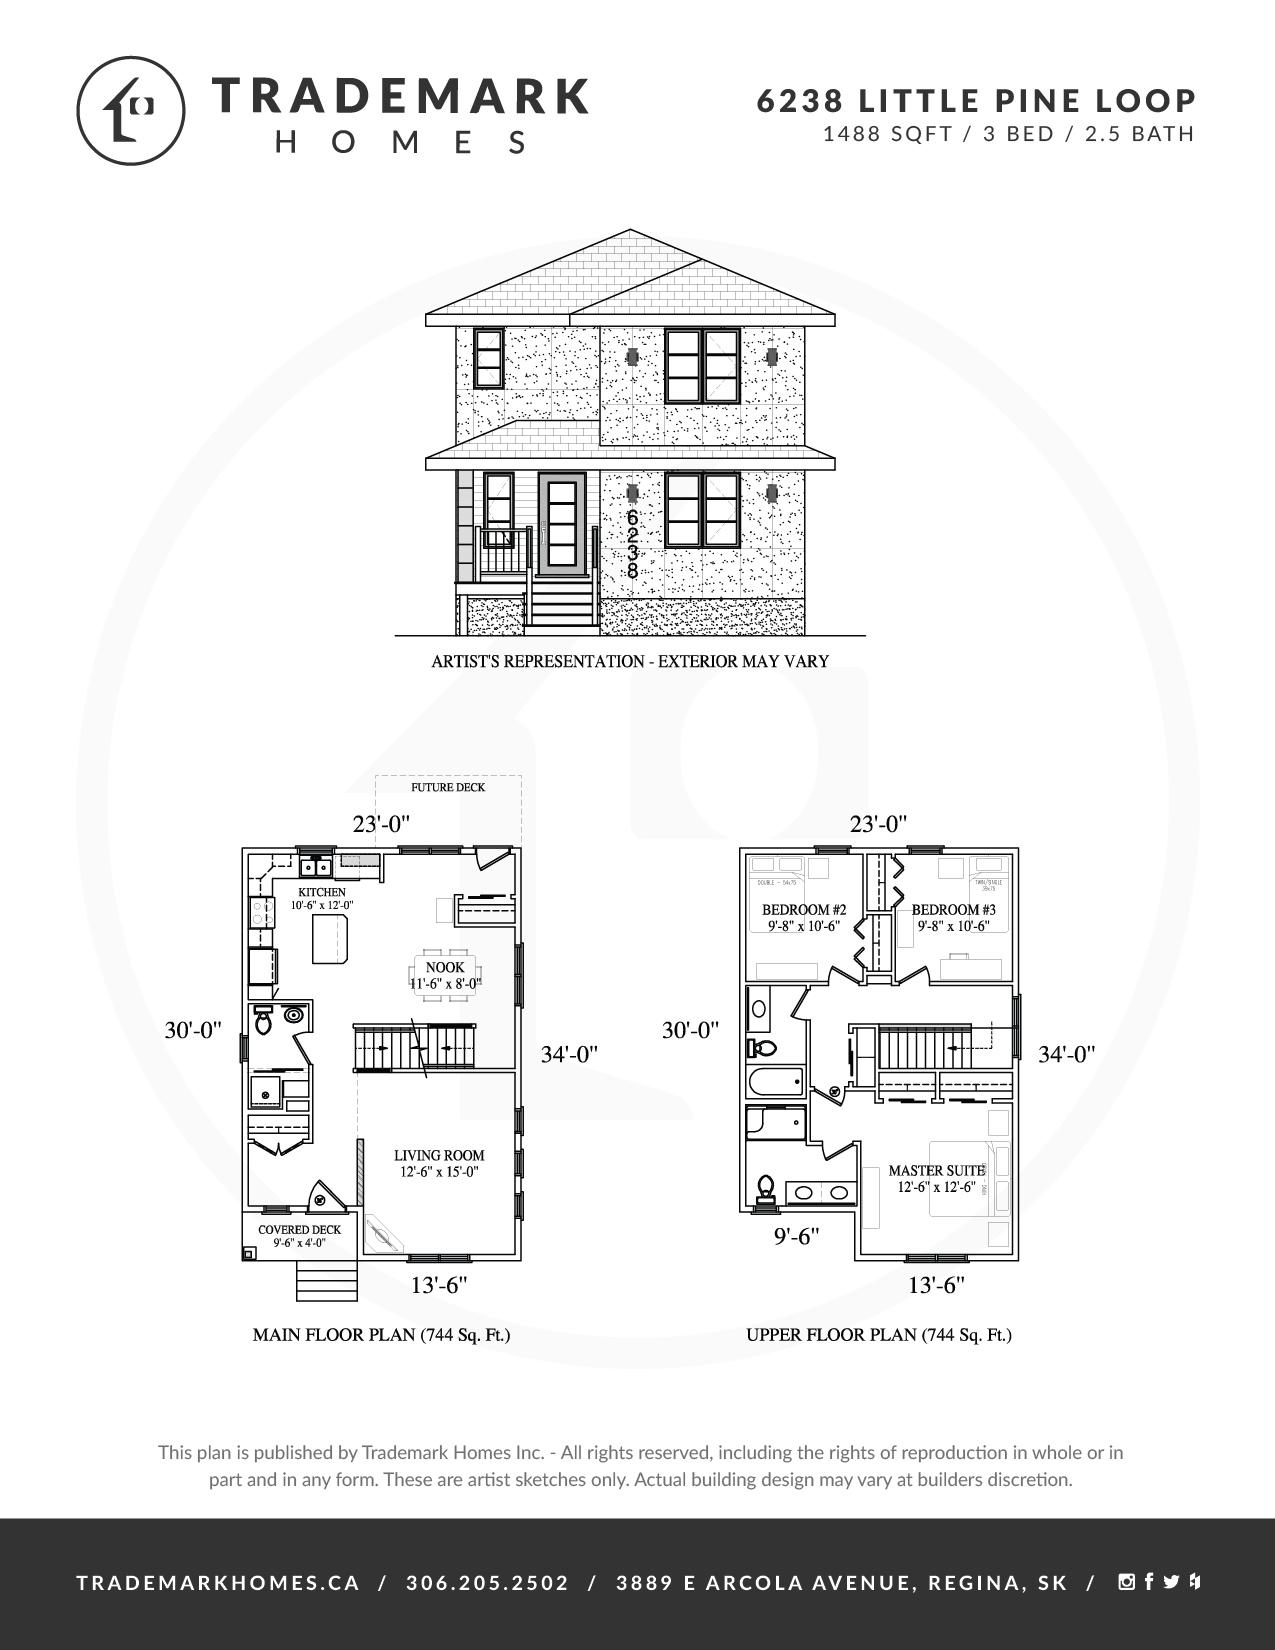 6238 Little Pine Loop - Skyview - Floorplan - Regina Home Builder